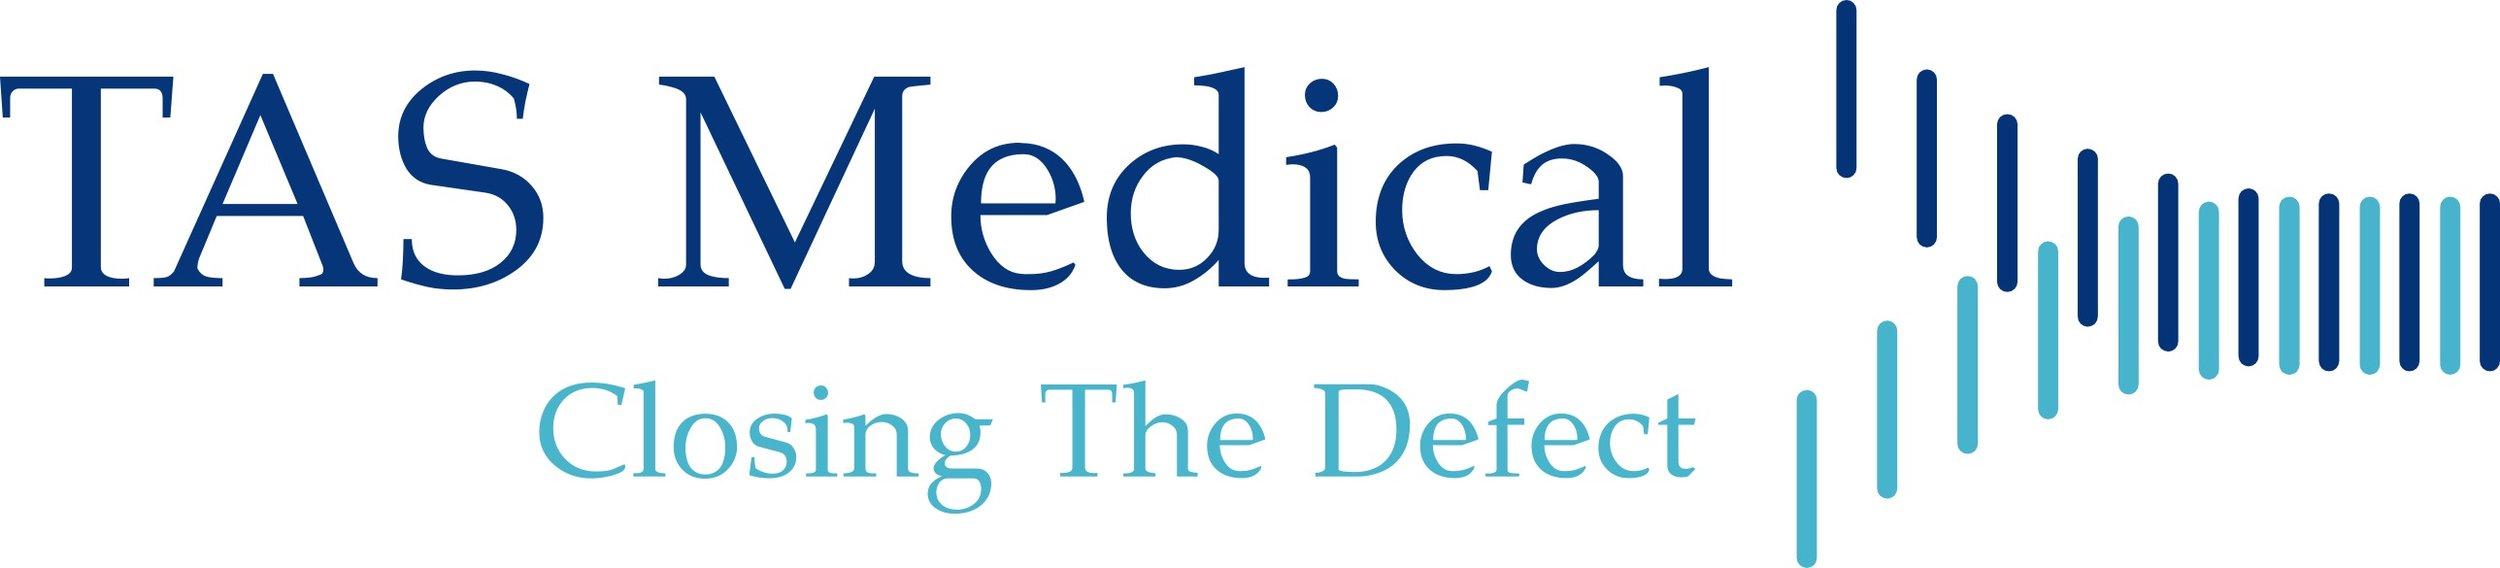 Tas medical logo.jpg